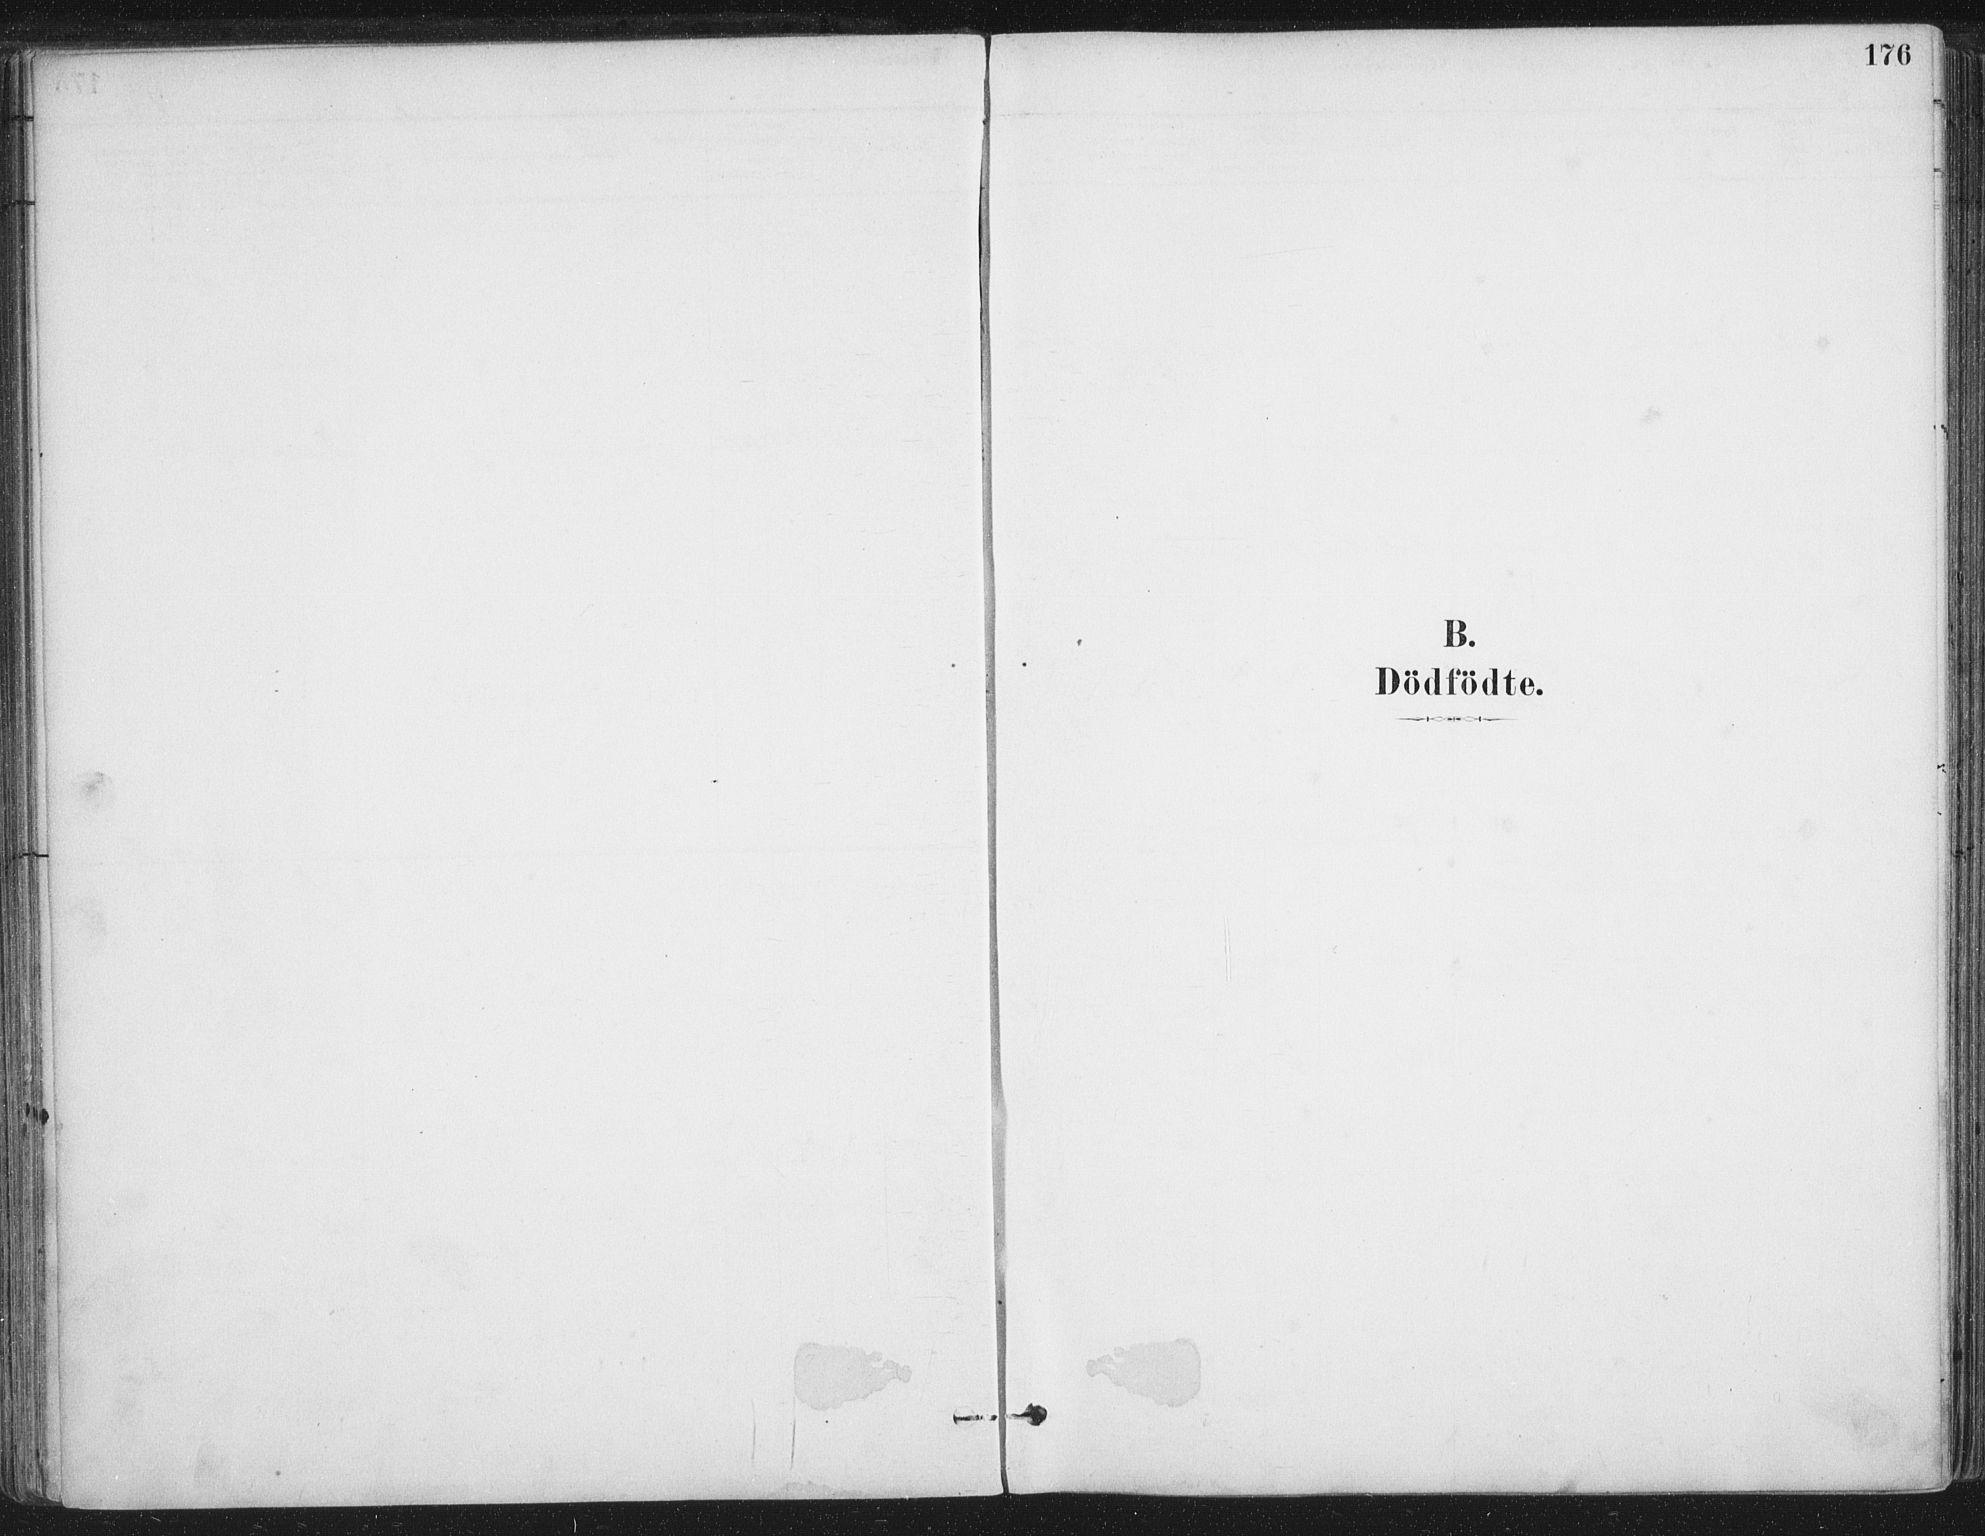 SAT, Ministerialprotokoller, klokkerbøker og fødselsregistre - Nordland, 888/L1244: Parish register (official) no. 888A10, 1880-1890, p. 176